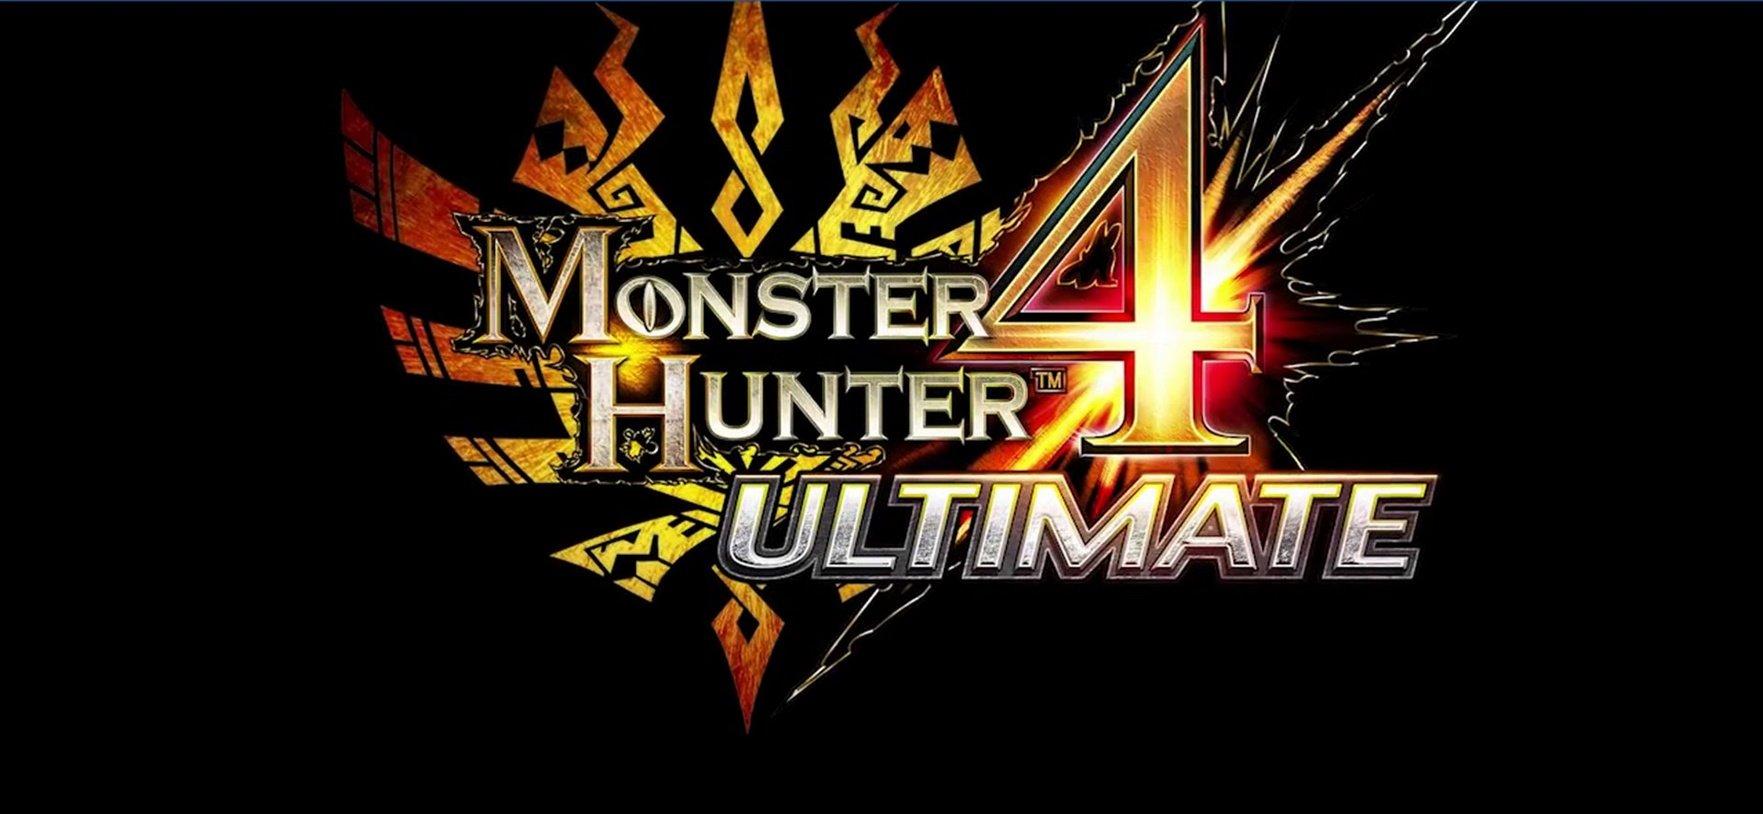 А там Monster Hunter 4 Ultimate вышел на 3DS... Оценки не кислые, но всем насрать...  - Изображение 1